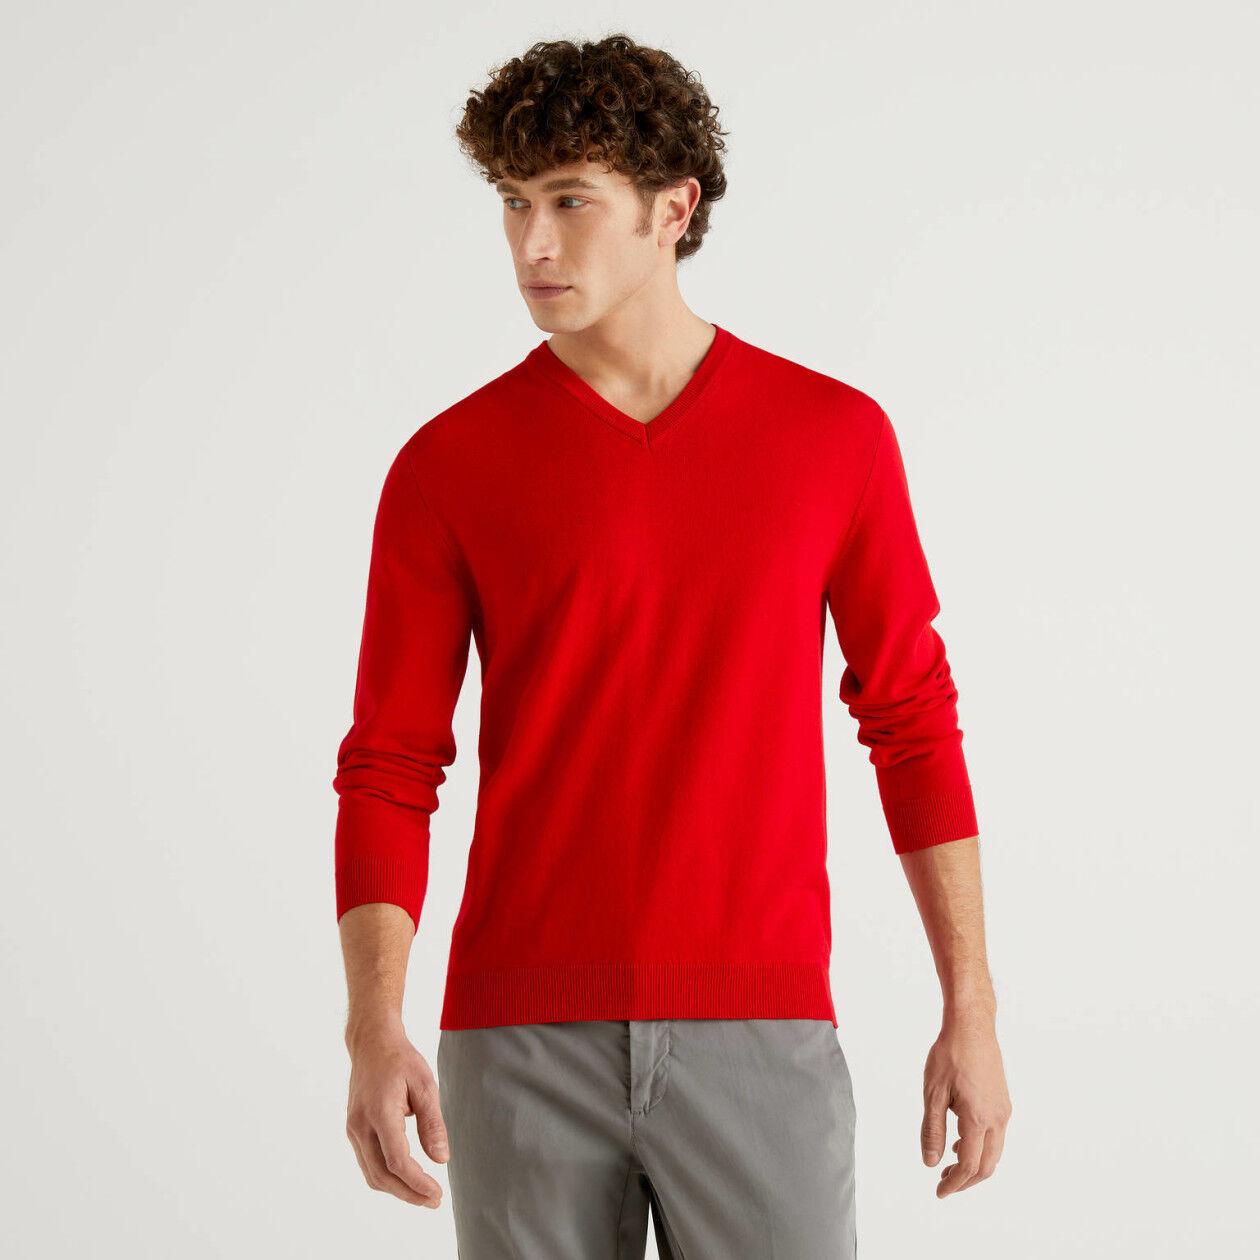 Camisola decote em V 100% algodão